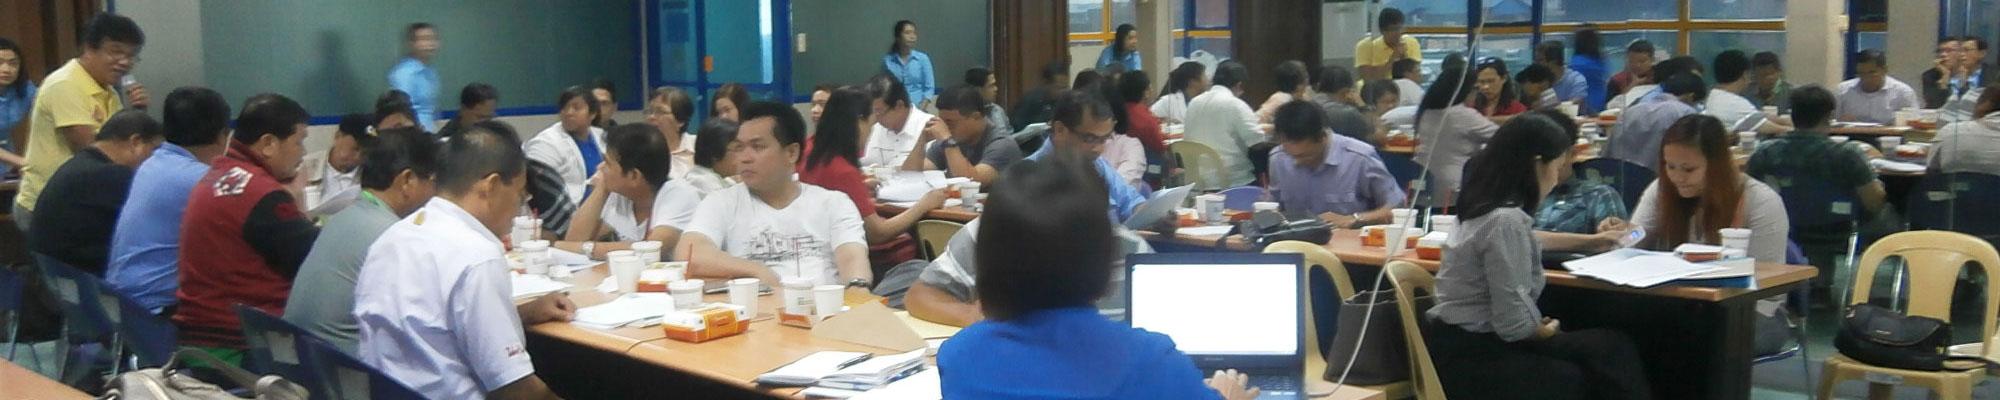 NCR-CITC Quarterly Meeting